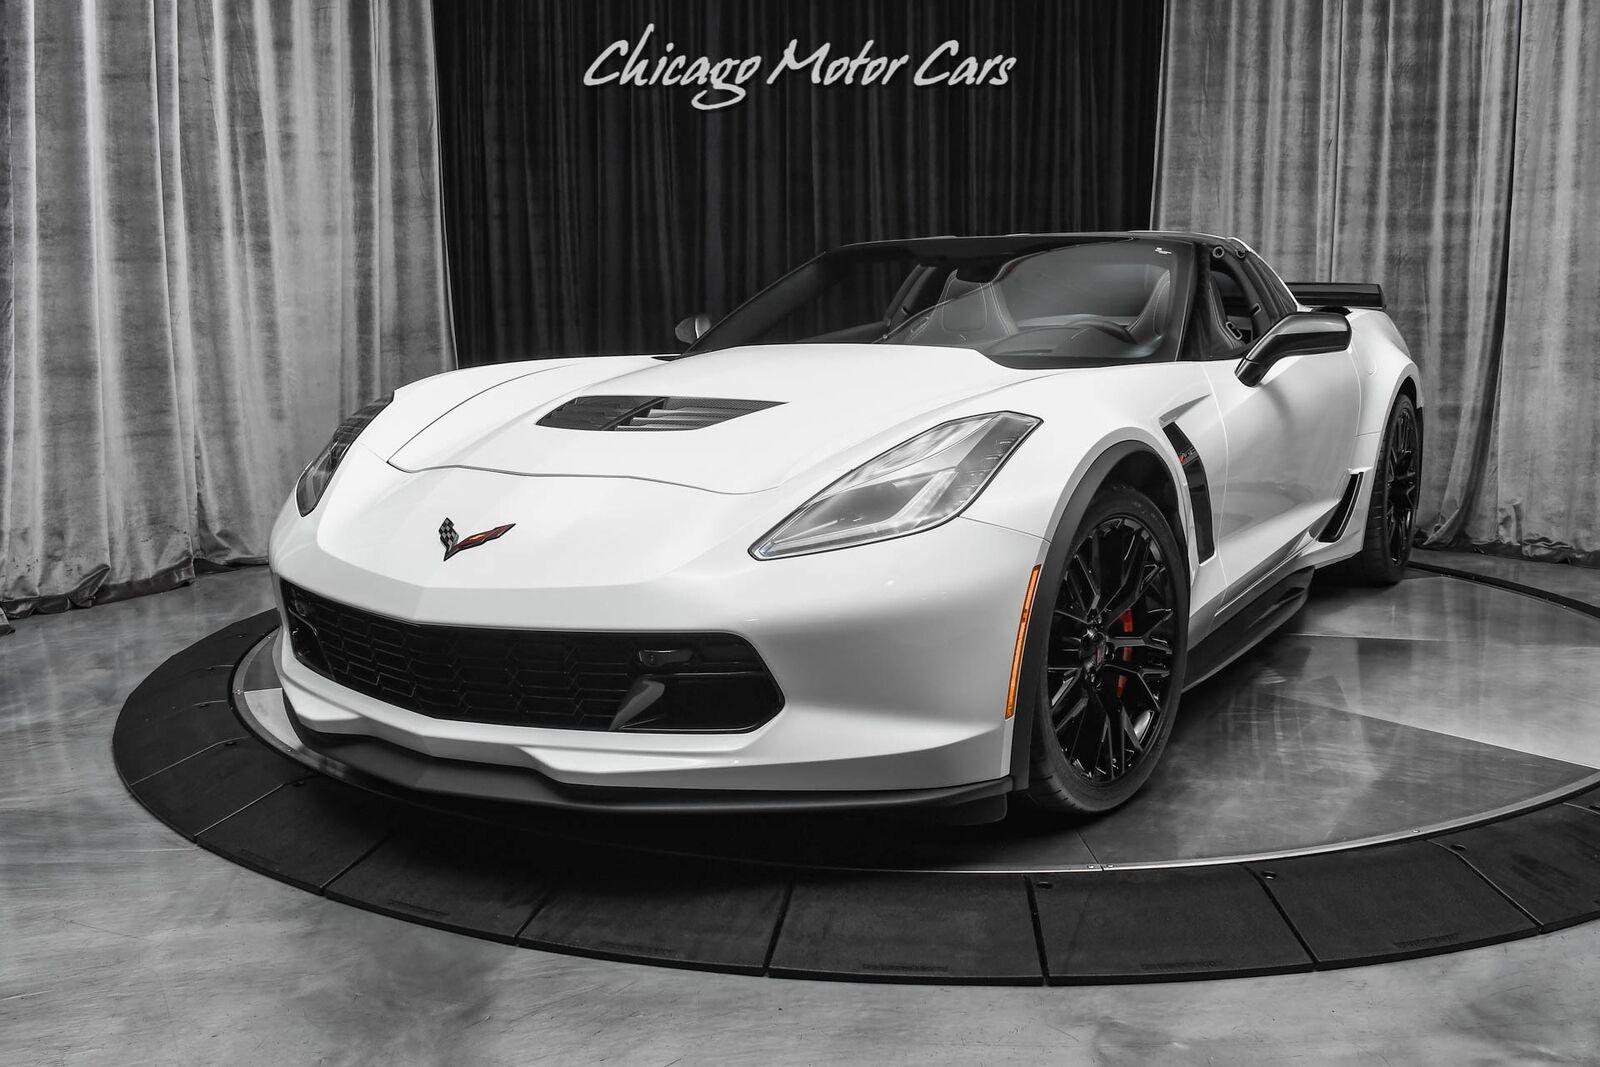 2019 White Chevrolet Corvette Z06 2LZ   C7 Corvette Photo 2